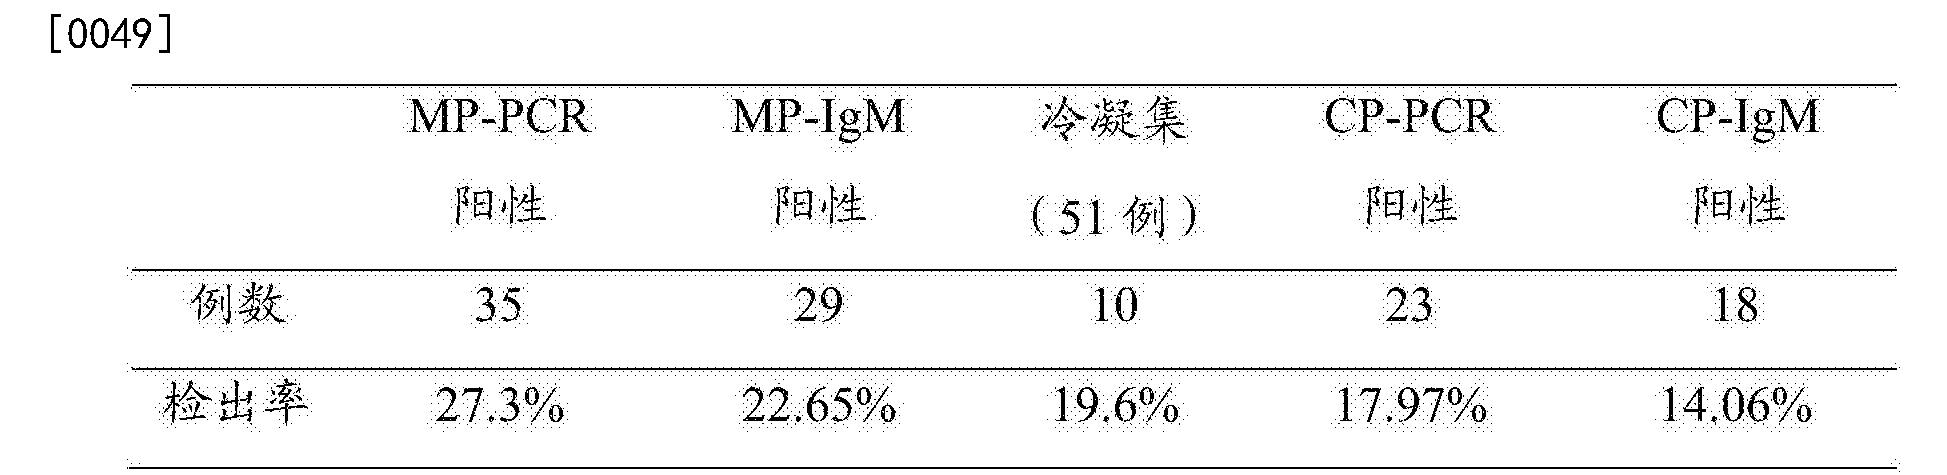 率 Pcr 陽性